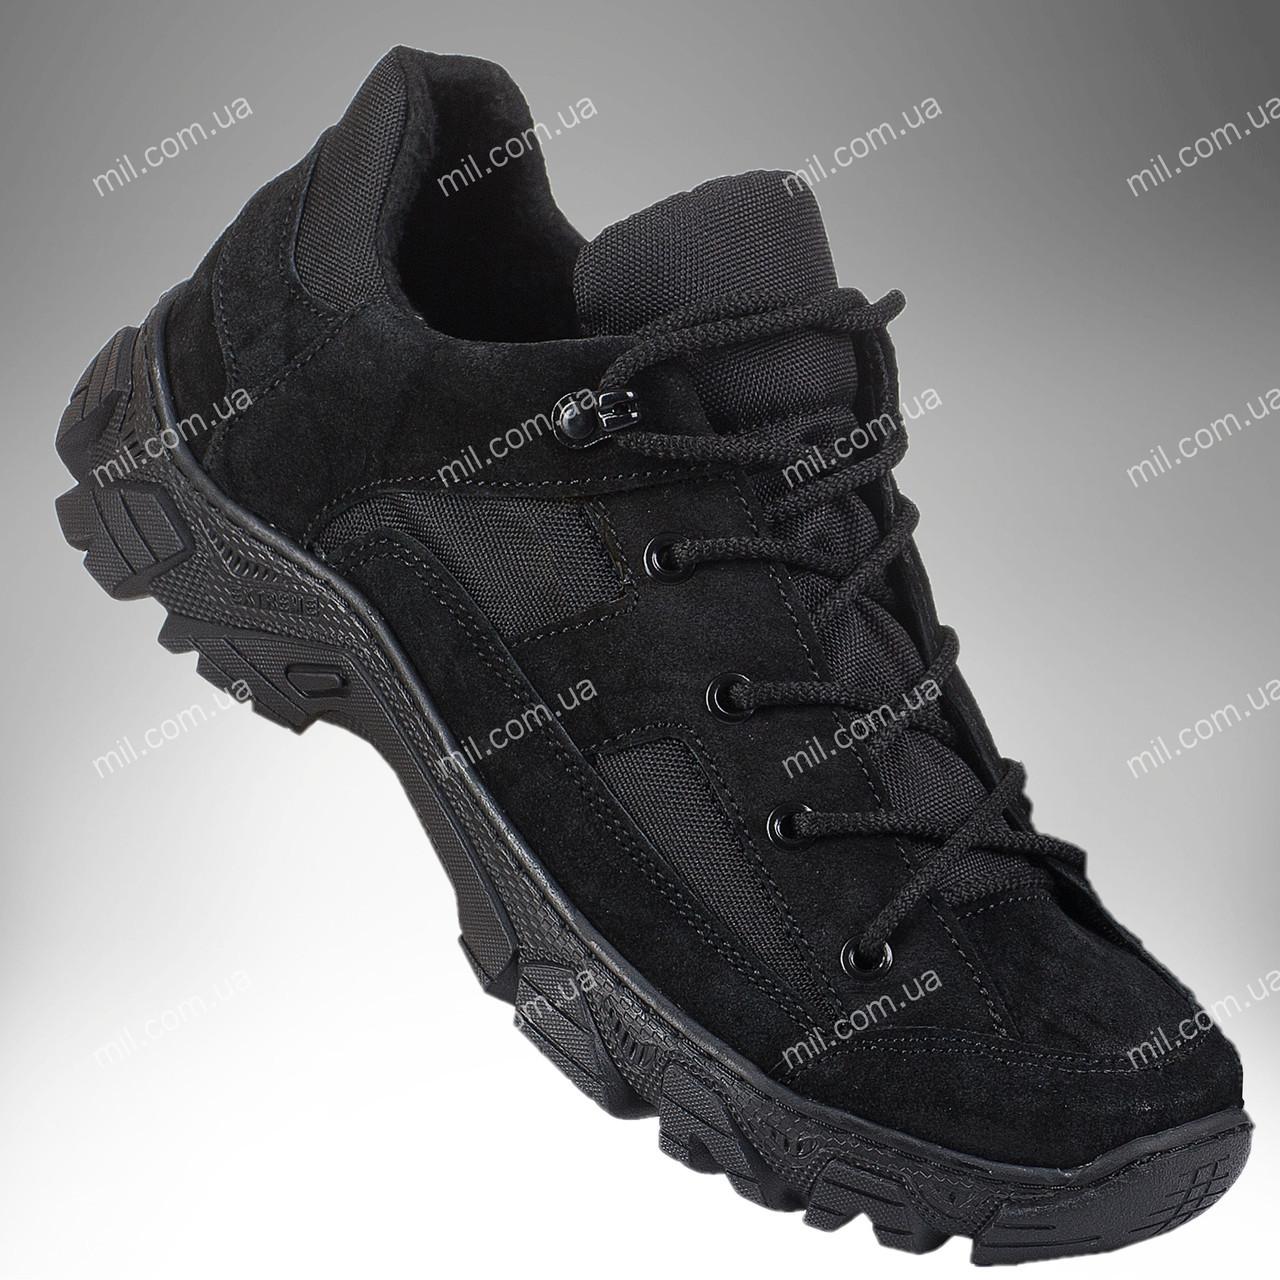 Военные кроссовки, тактическая обувь TASMAN (black)